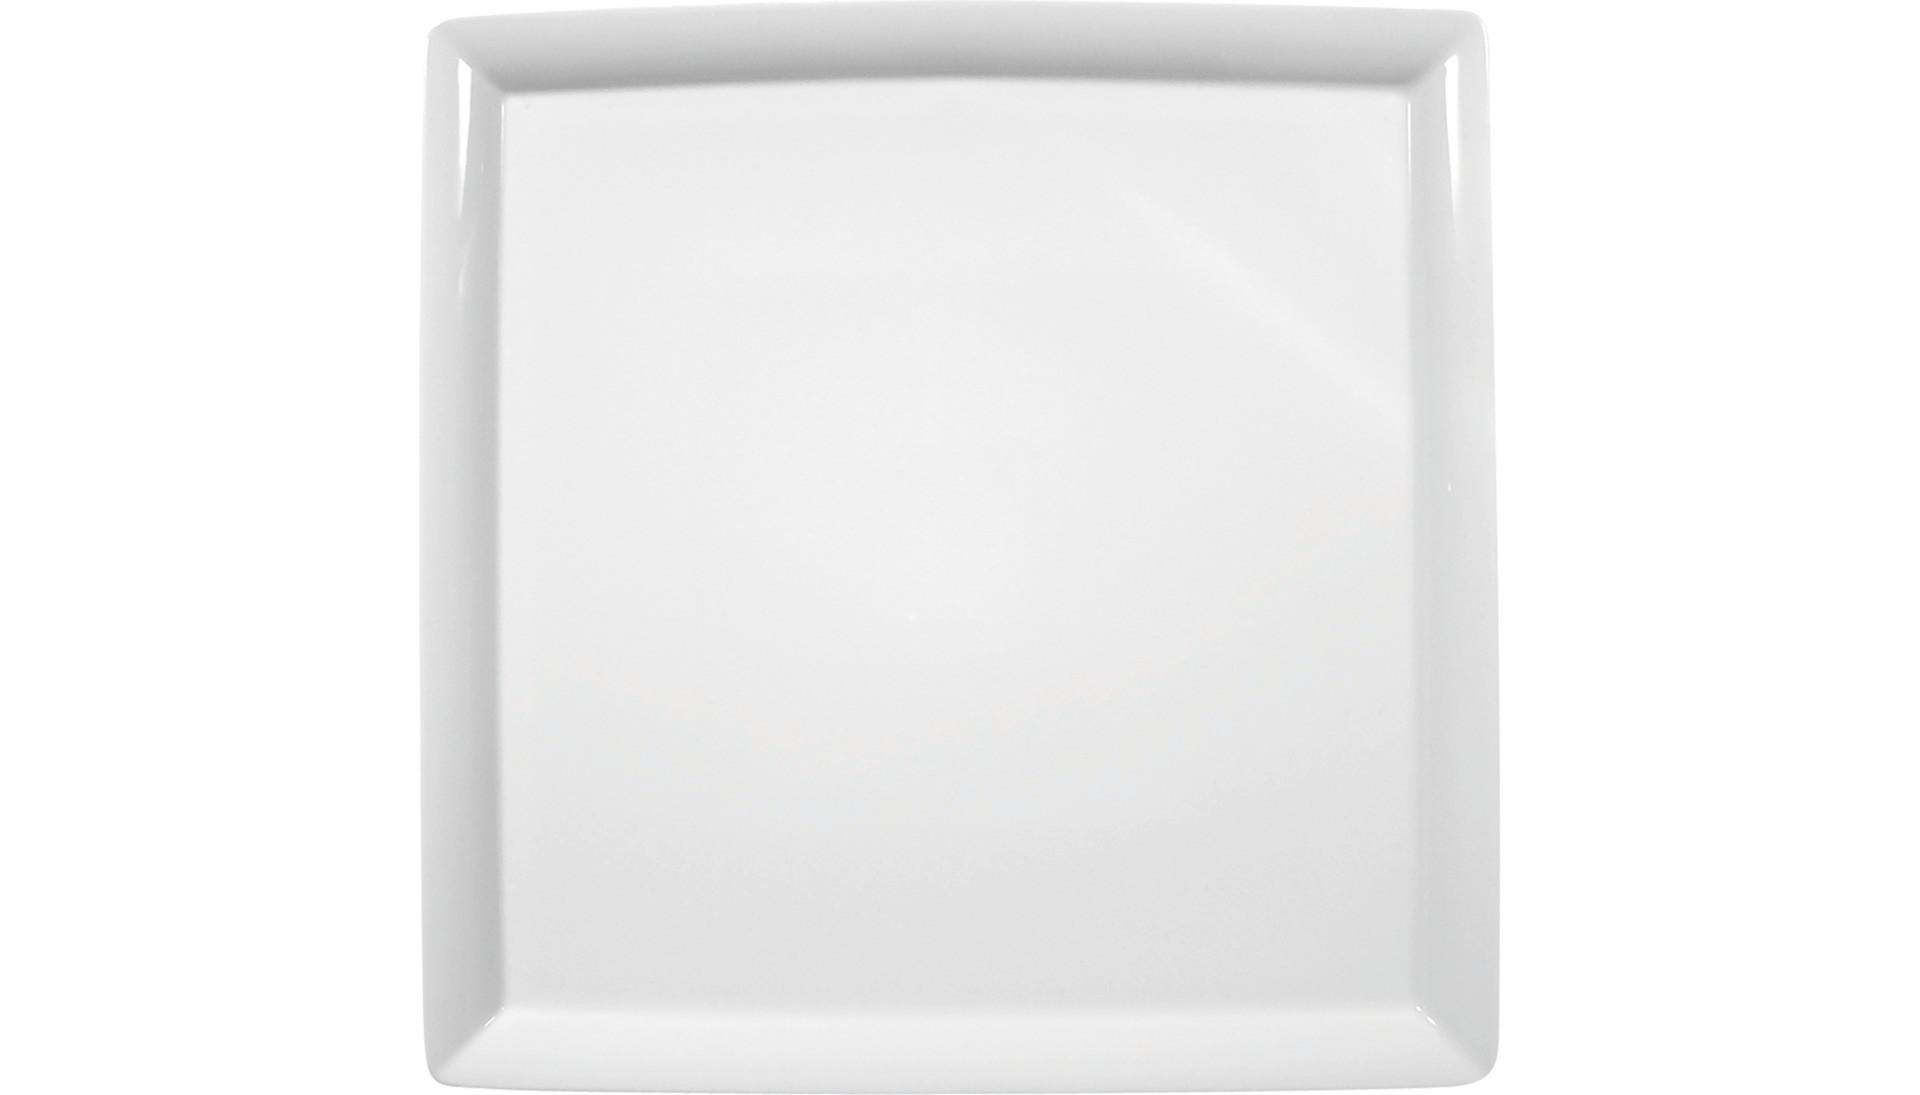 Buffet Gourmet, Platte quadratisch 350 x 350 mm